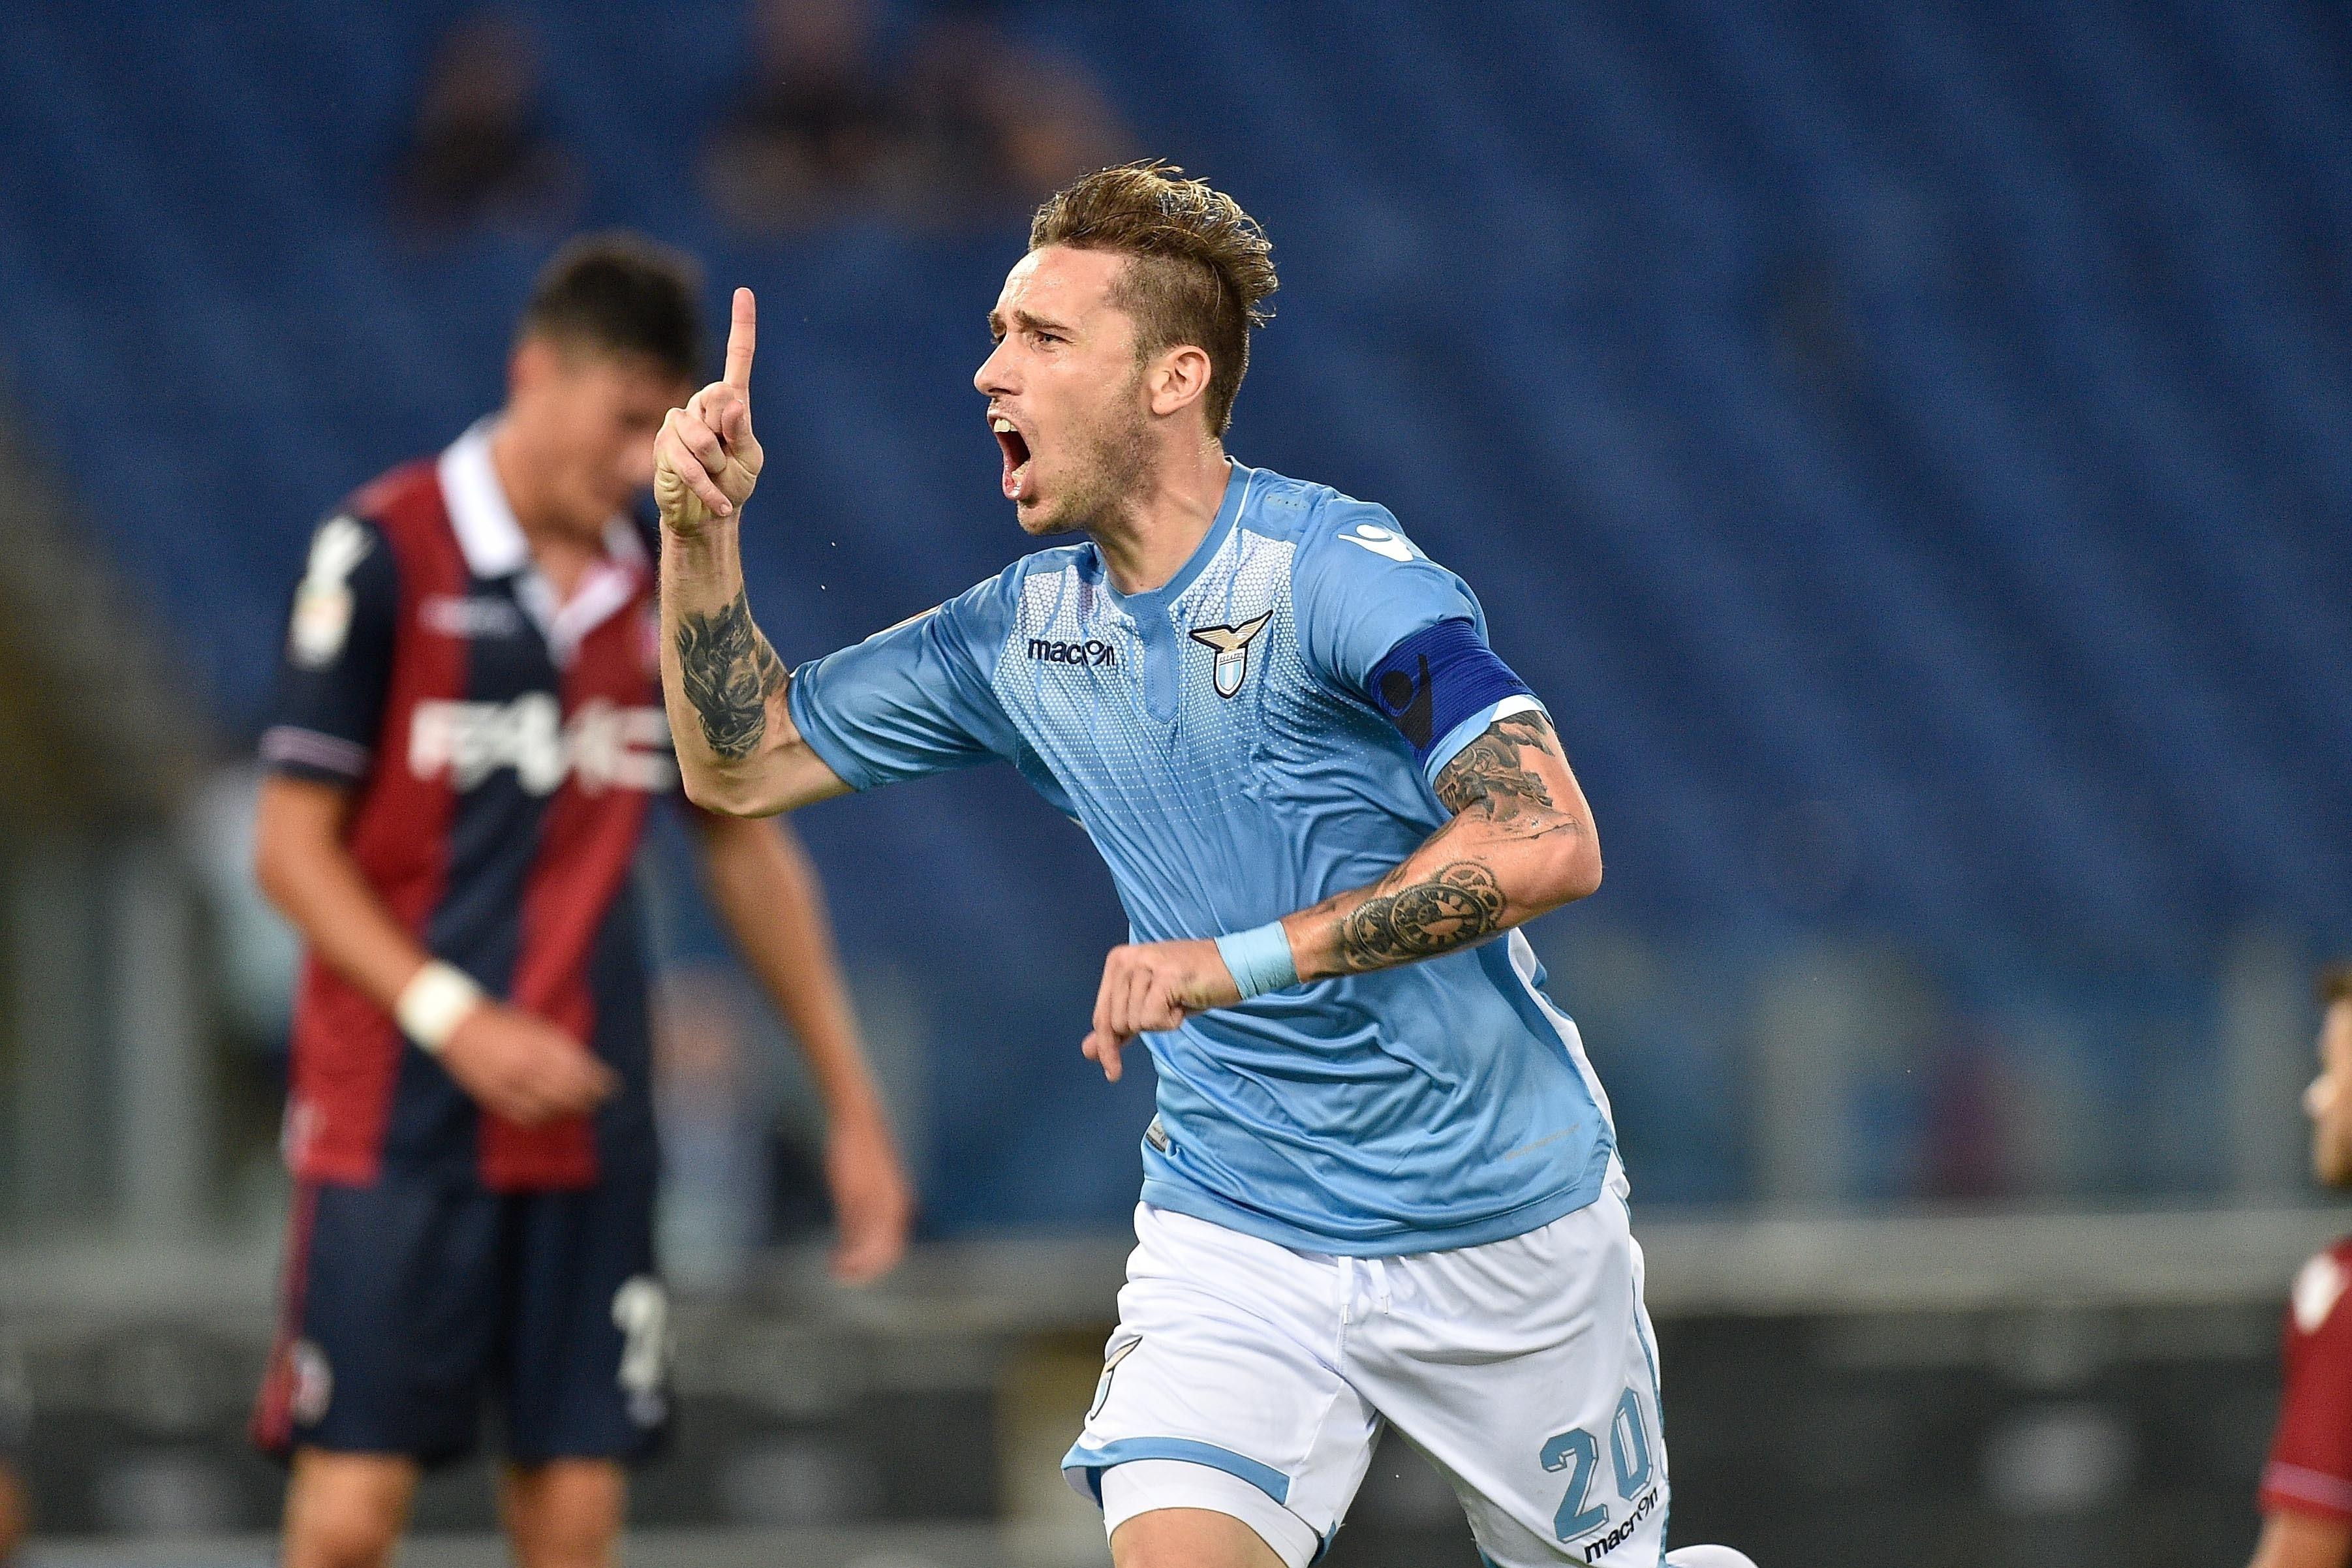 Liverpool can seal transfer of Lazio midfielder Lucas Biglia for £21million, says report